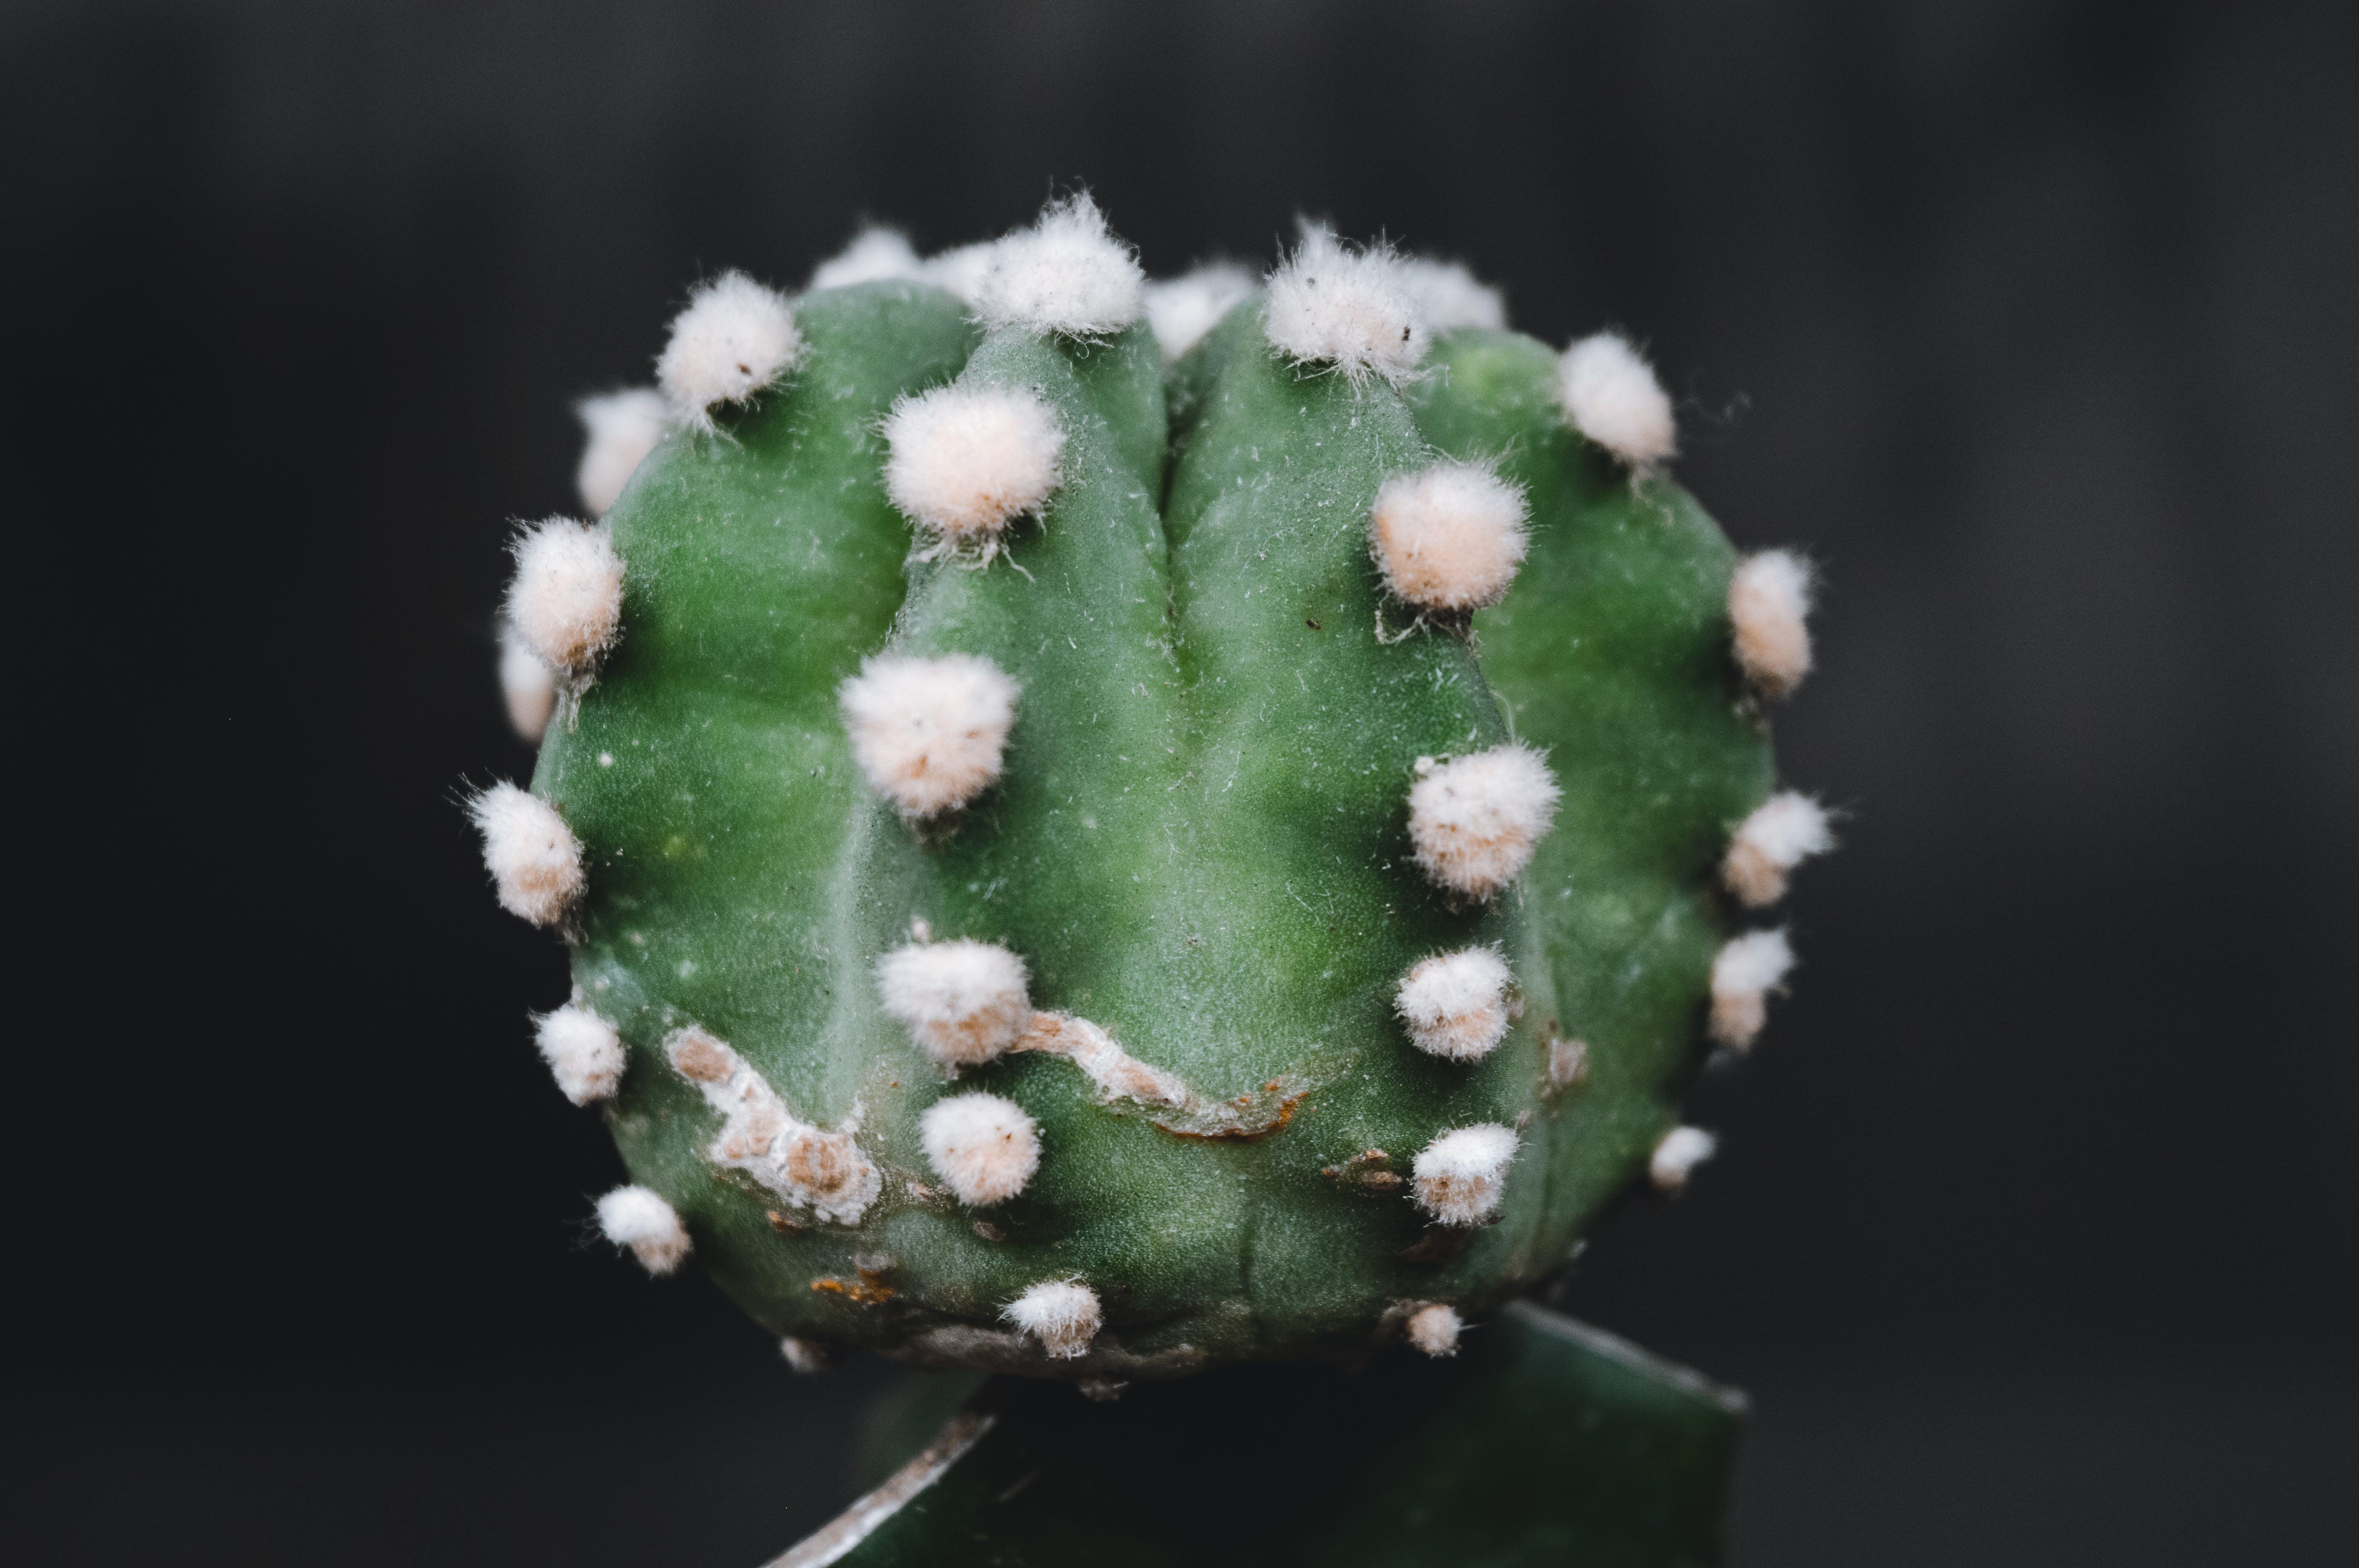 Kostnadsfri bild av kaktus, kaktusväxt, närbild, taggig